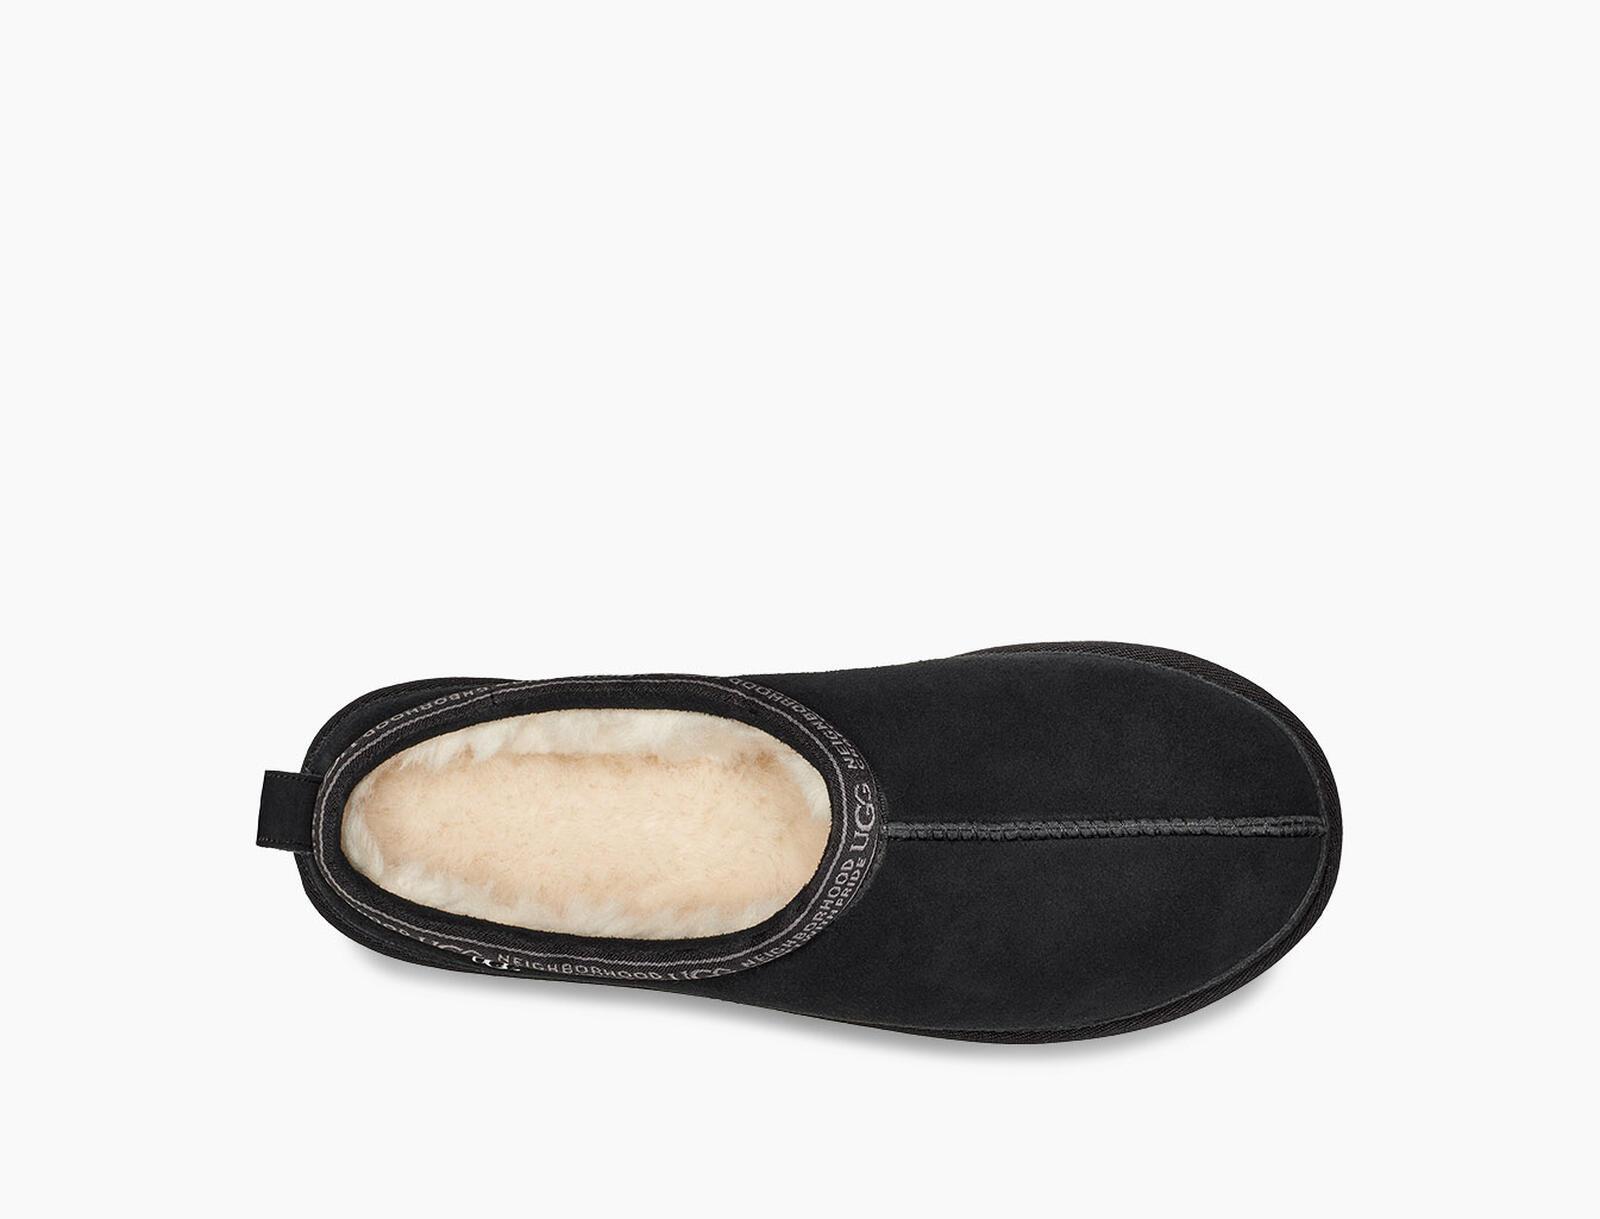 UGG X NBHD Tasman Slippers